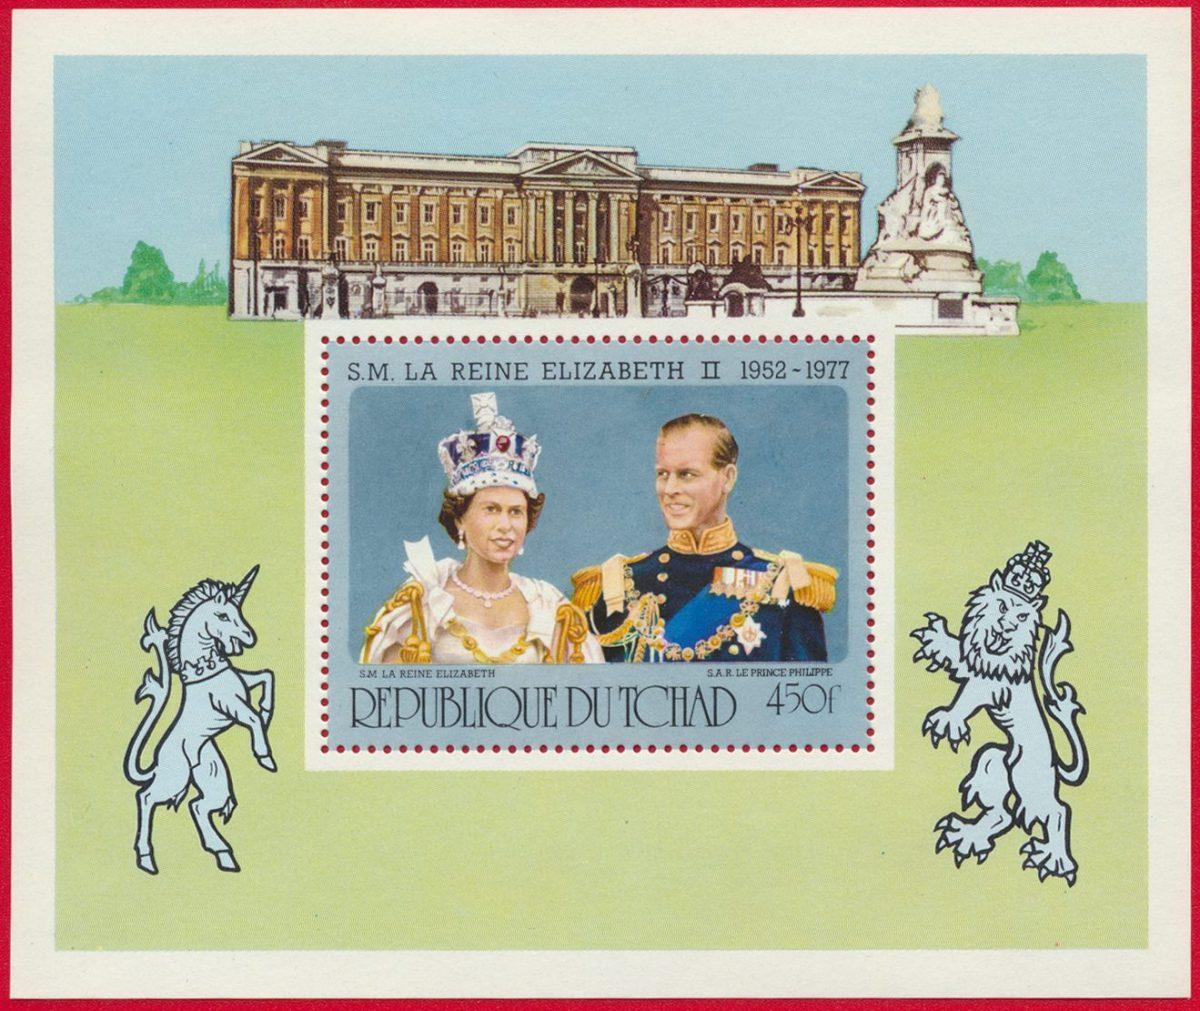 bloc-republique-tchad-450-francs-reine-elissabeth-prince-philippe-1952-1977